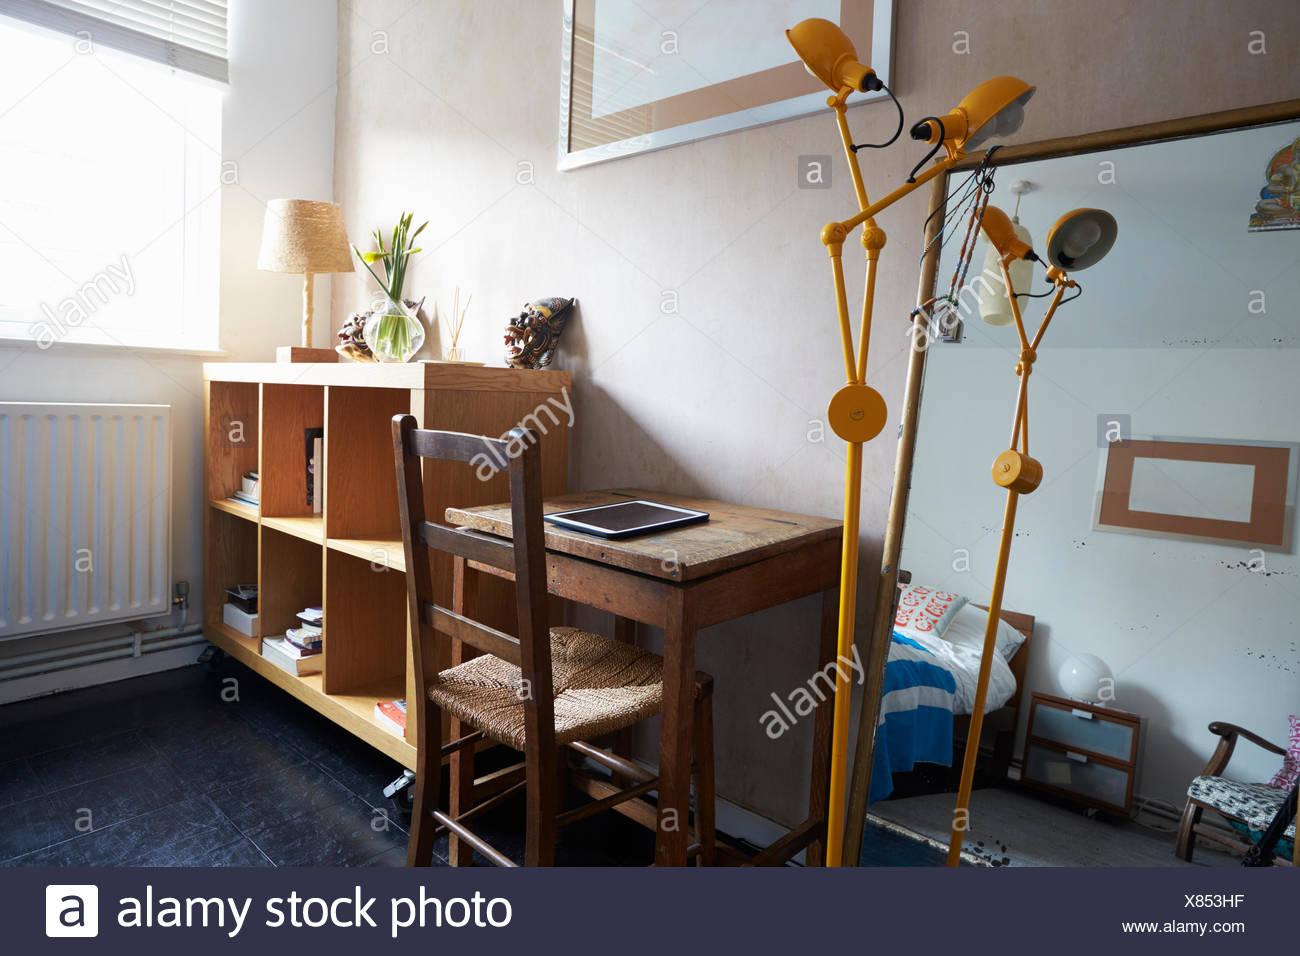 Accueil Zone de bureaux en appartement moderne et élégant Photo Stock